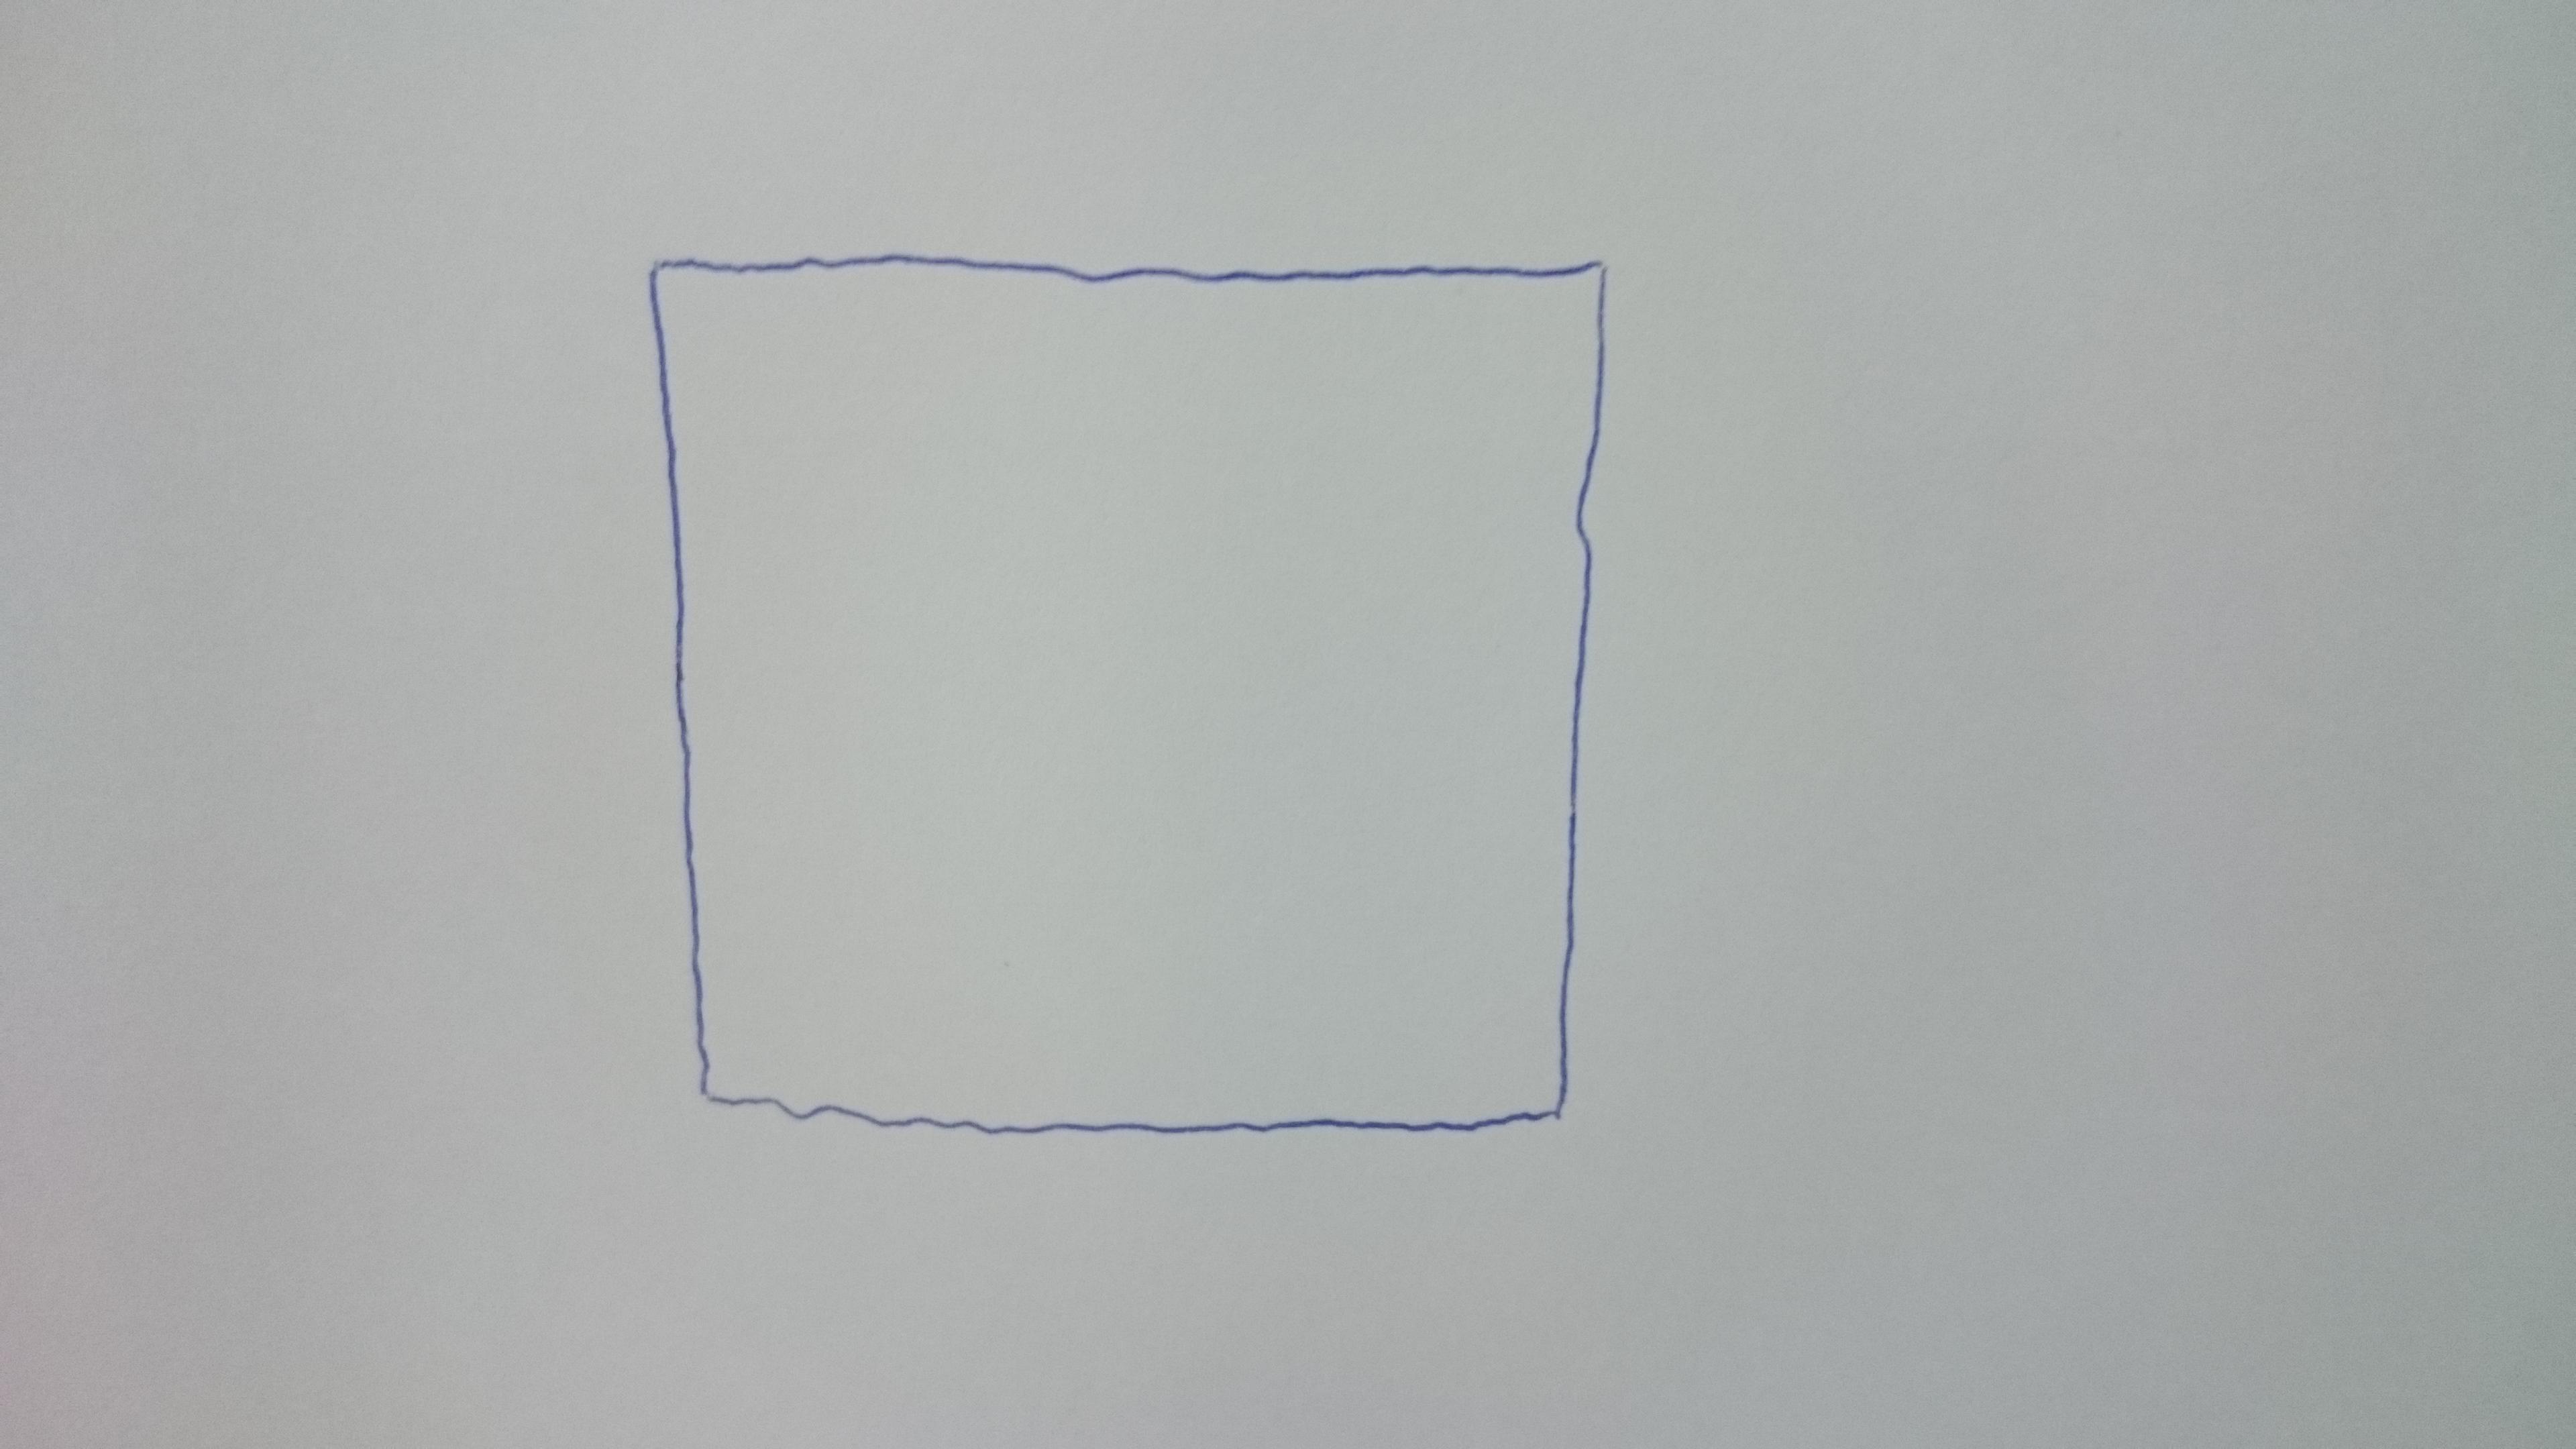 el acertijo del cuadrado coon 3 lineas 2